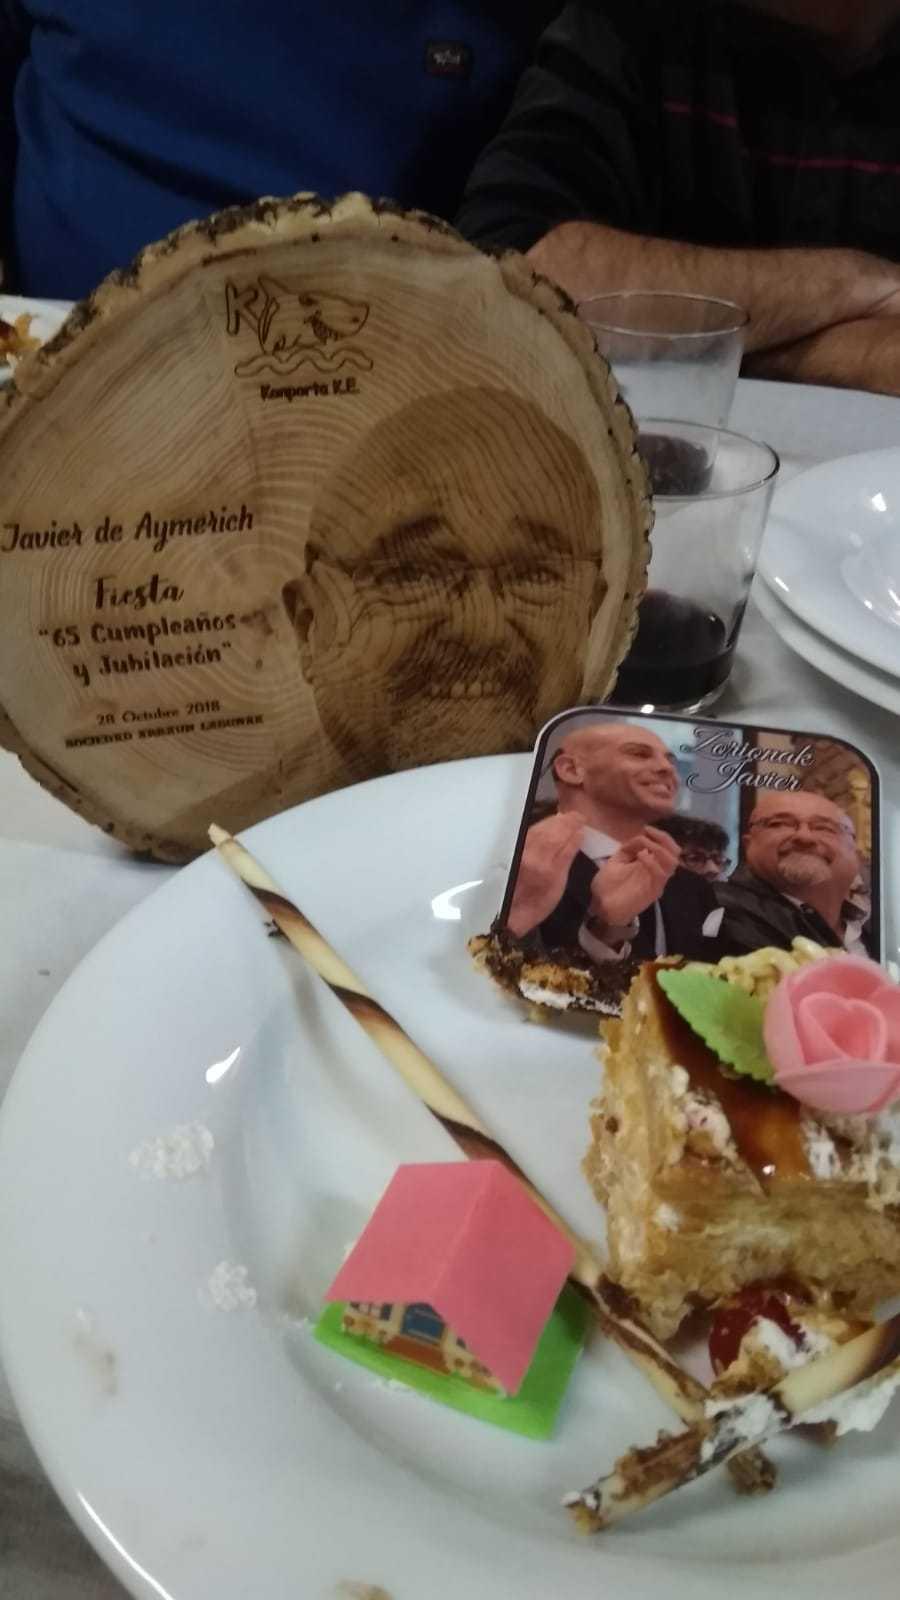 Emotivo acto por la jubilación de Javier de Aymerich - Konporta